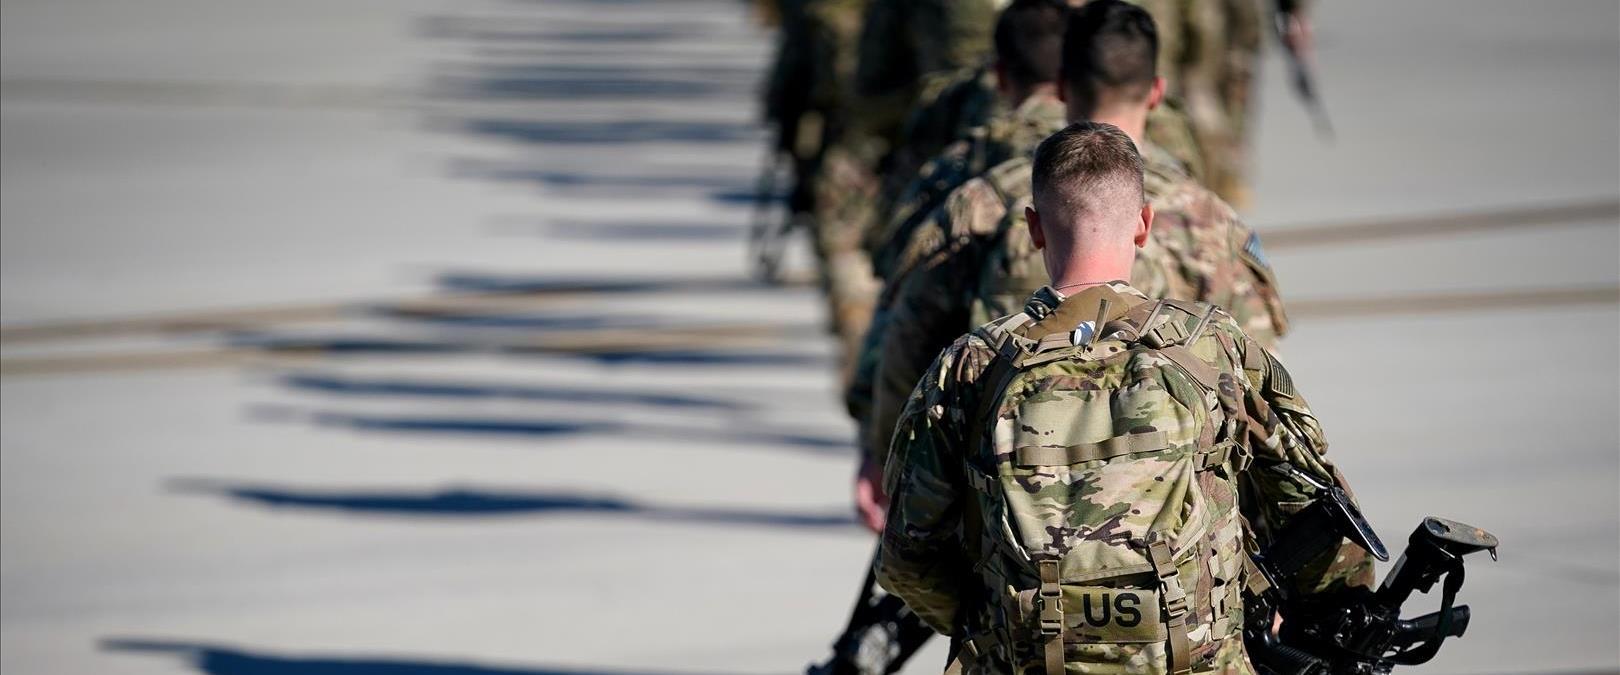 חיילים אמריקניים בדרך לעיראק